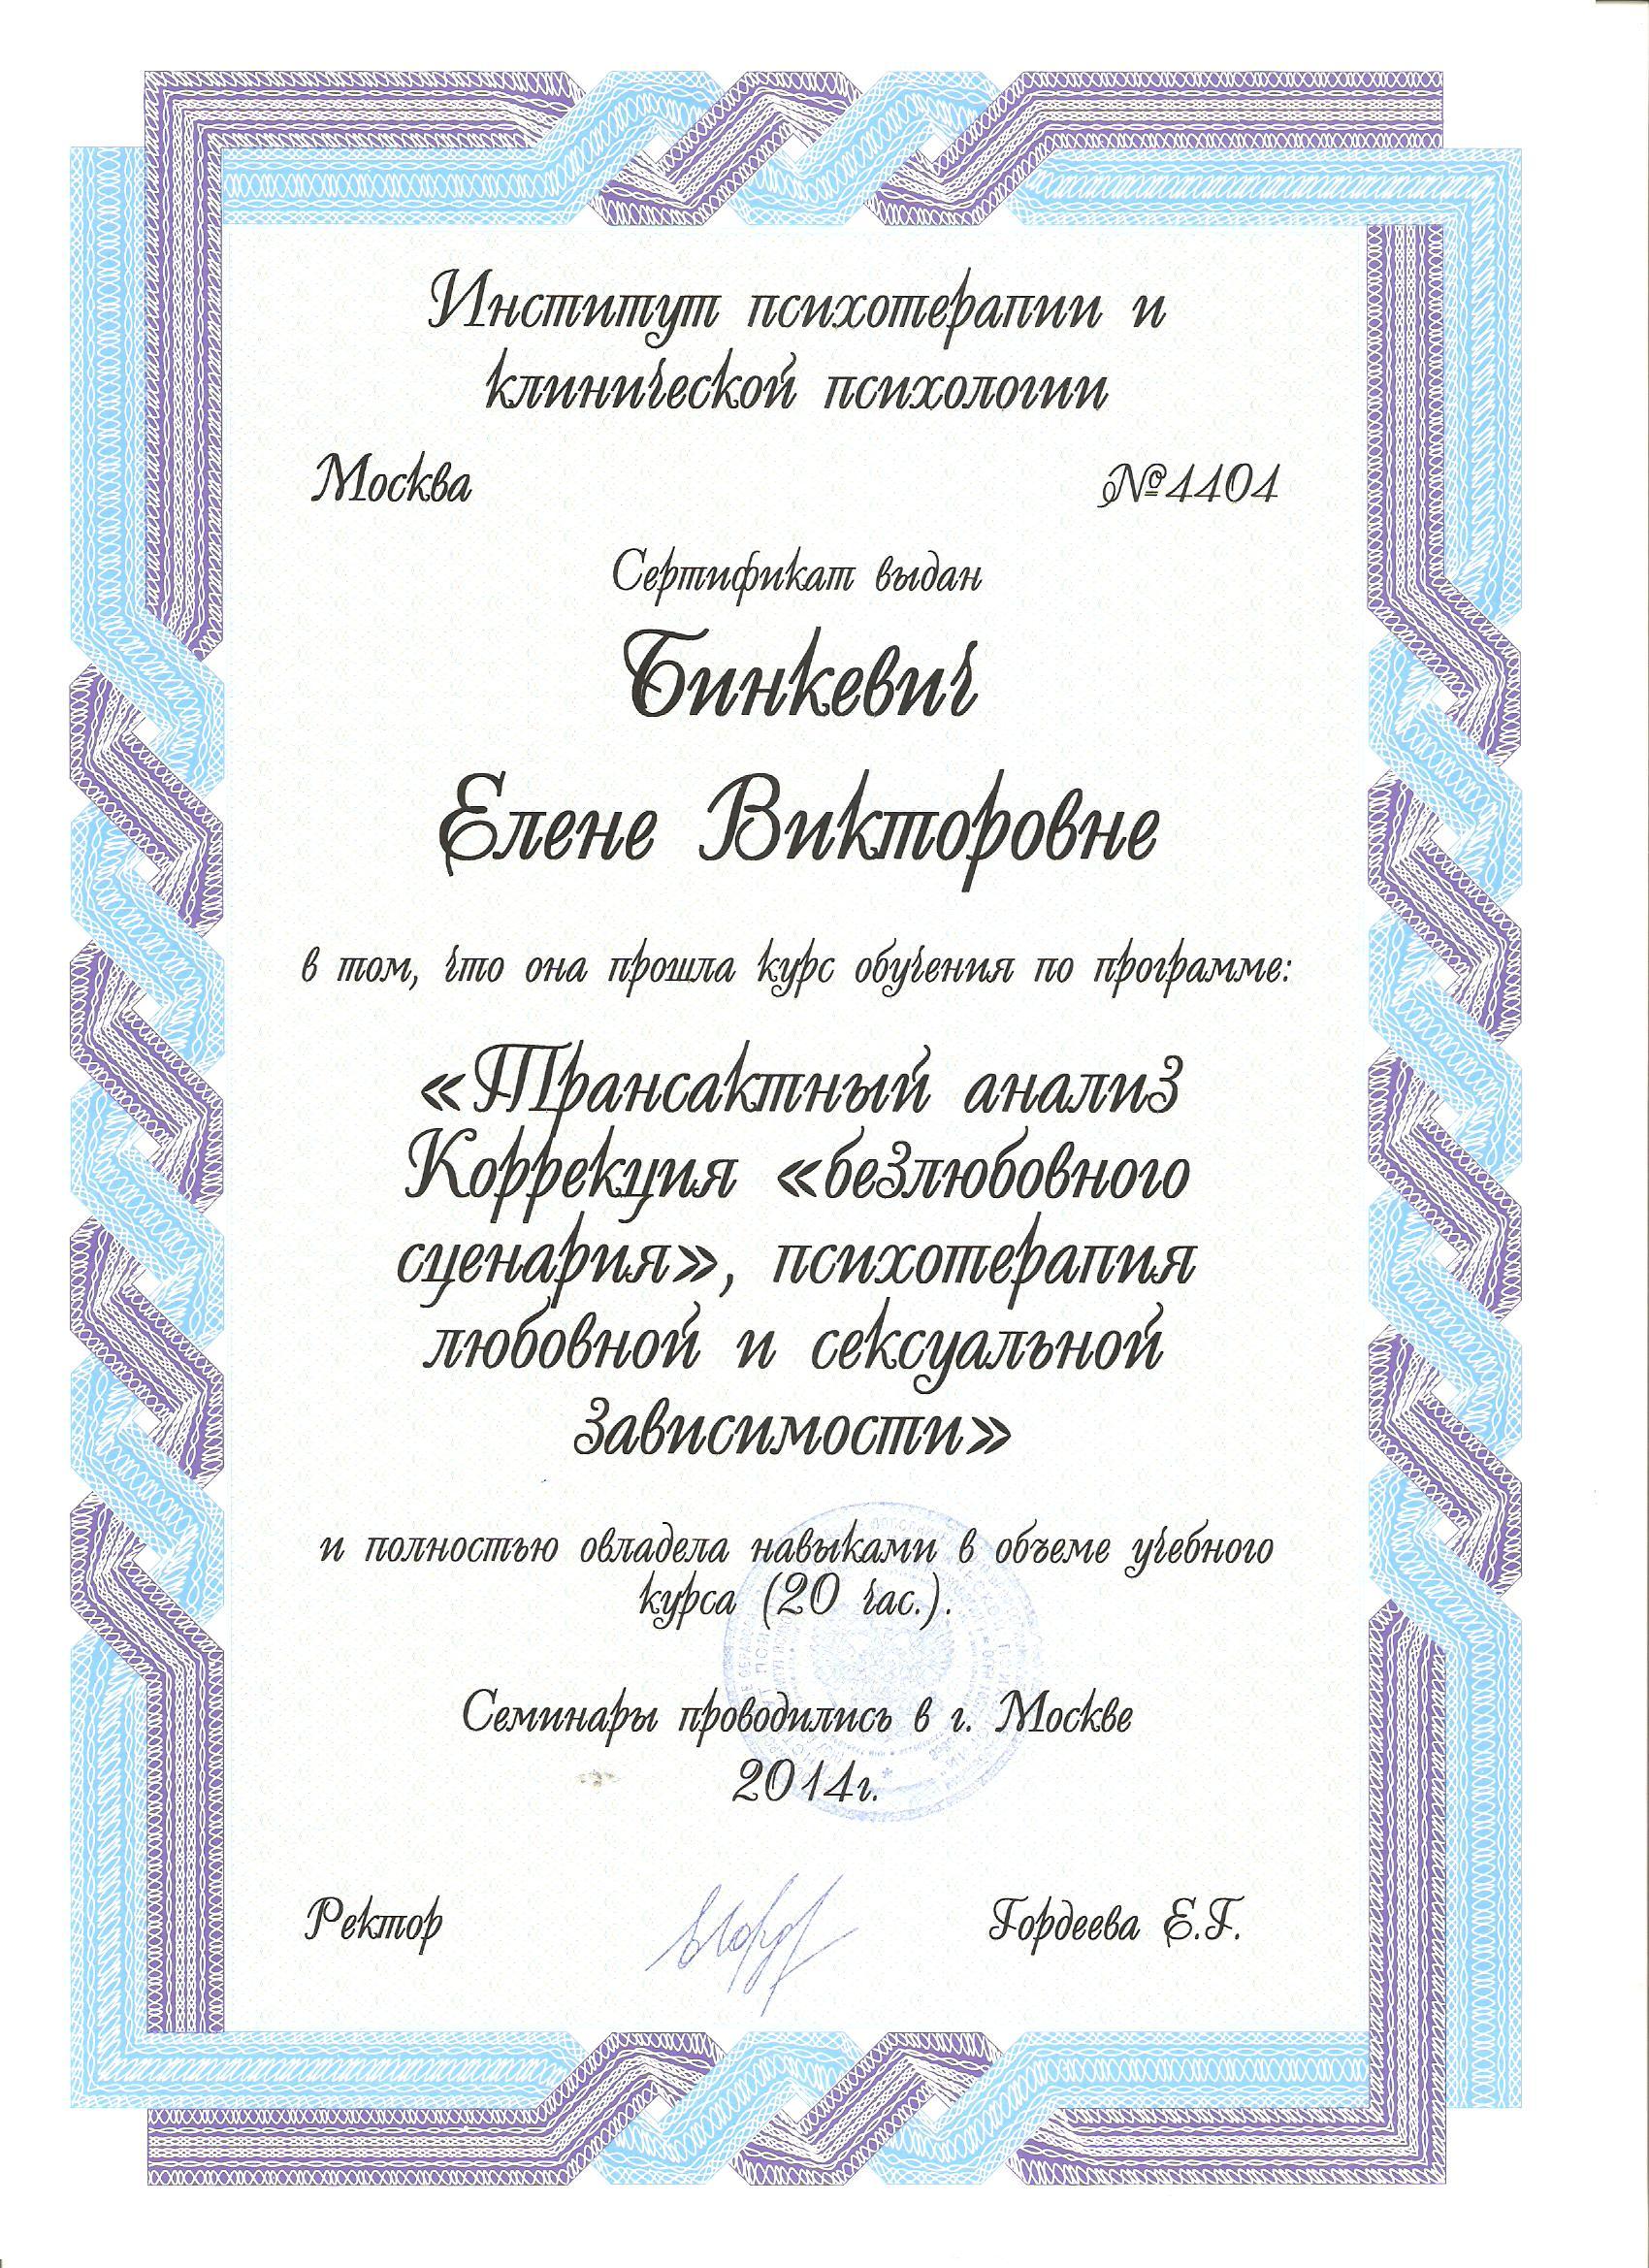 sertifikat-psixoterapiya-lyubovnoj-i-seksualnoj-zavisimosti-001